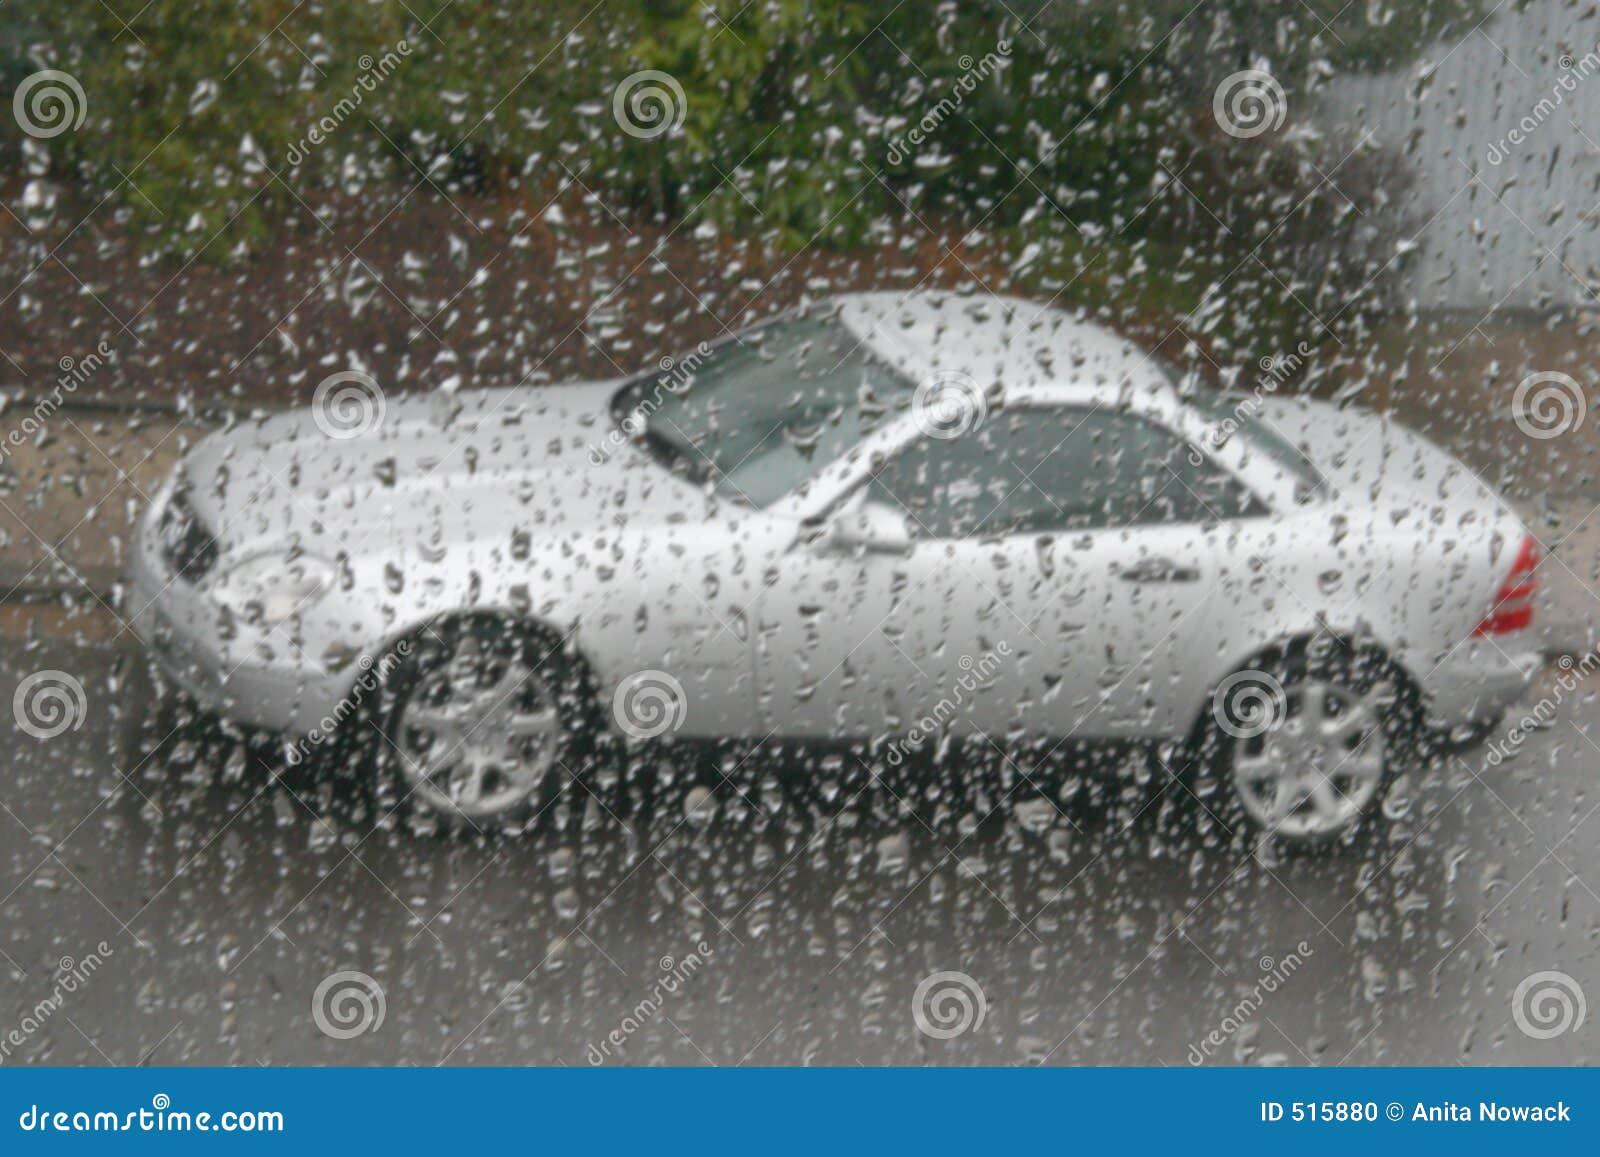 Mercedes rain slk under